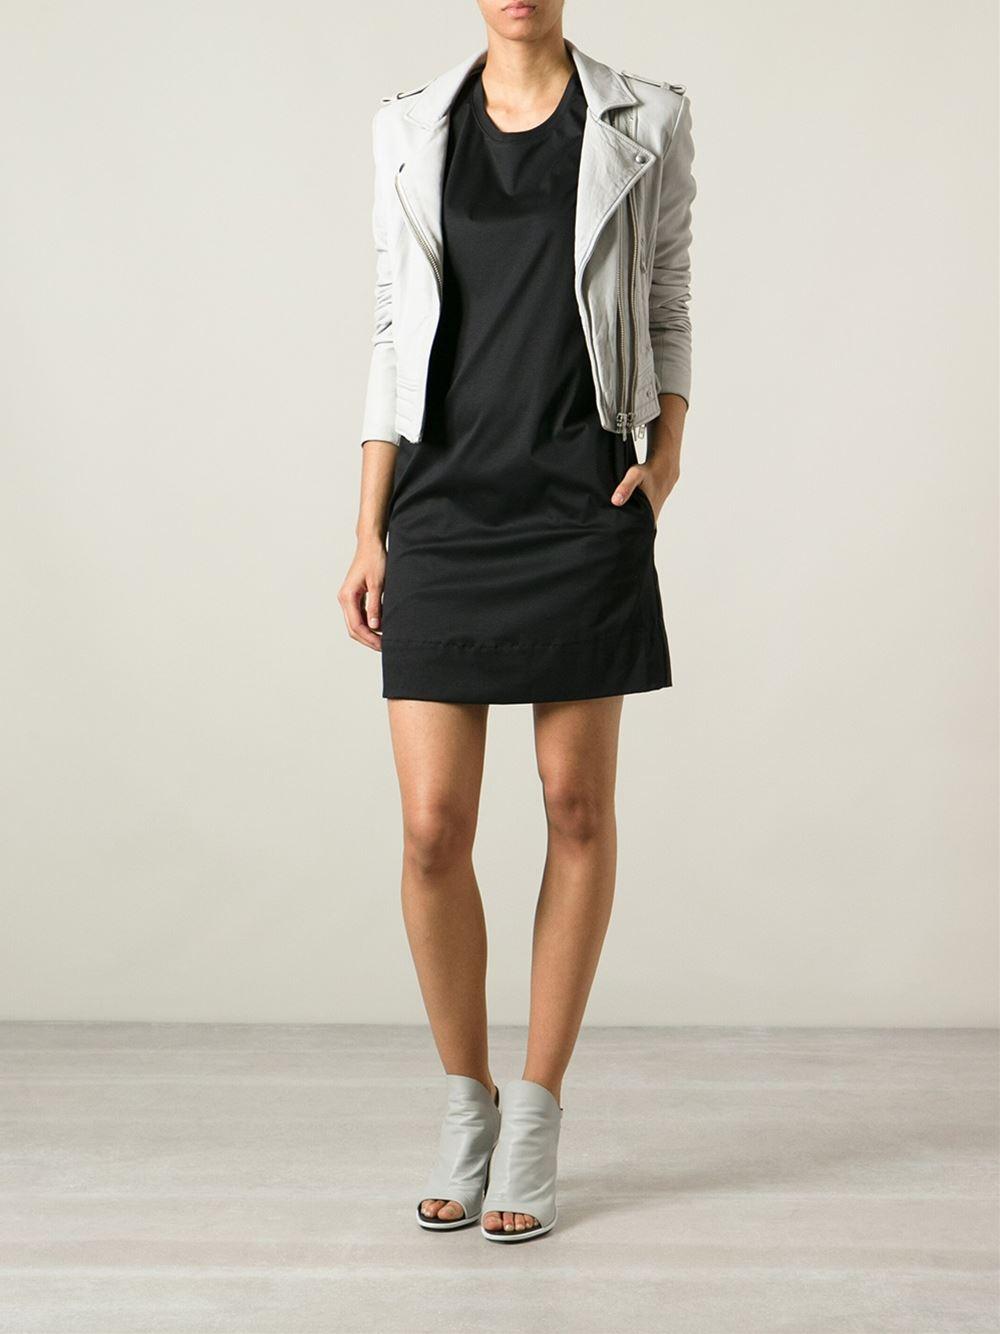 helmut lang jersey t shirt dress in black lyst. Black Bedroom Furniture Sets. Home Design Ideas